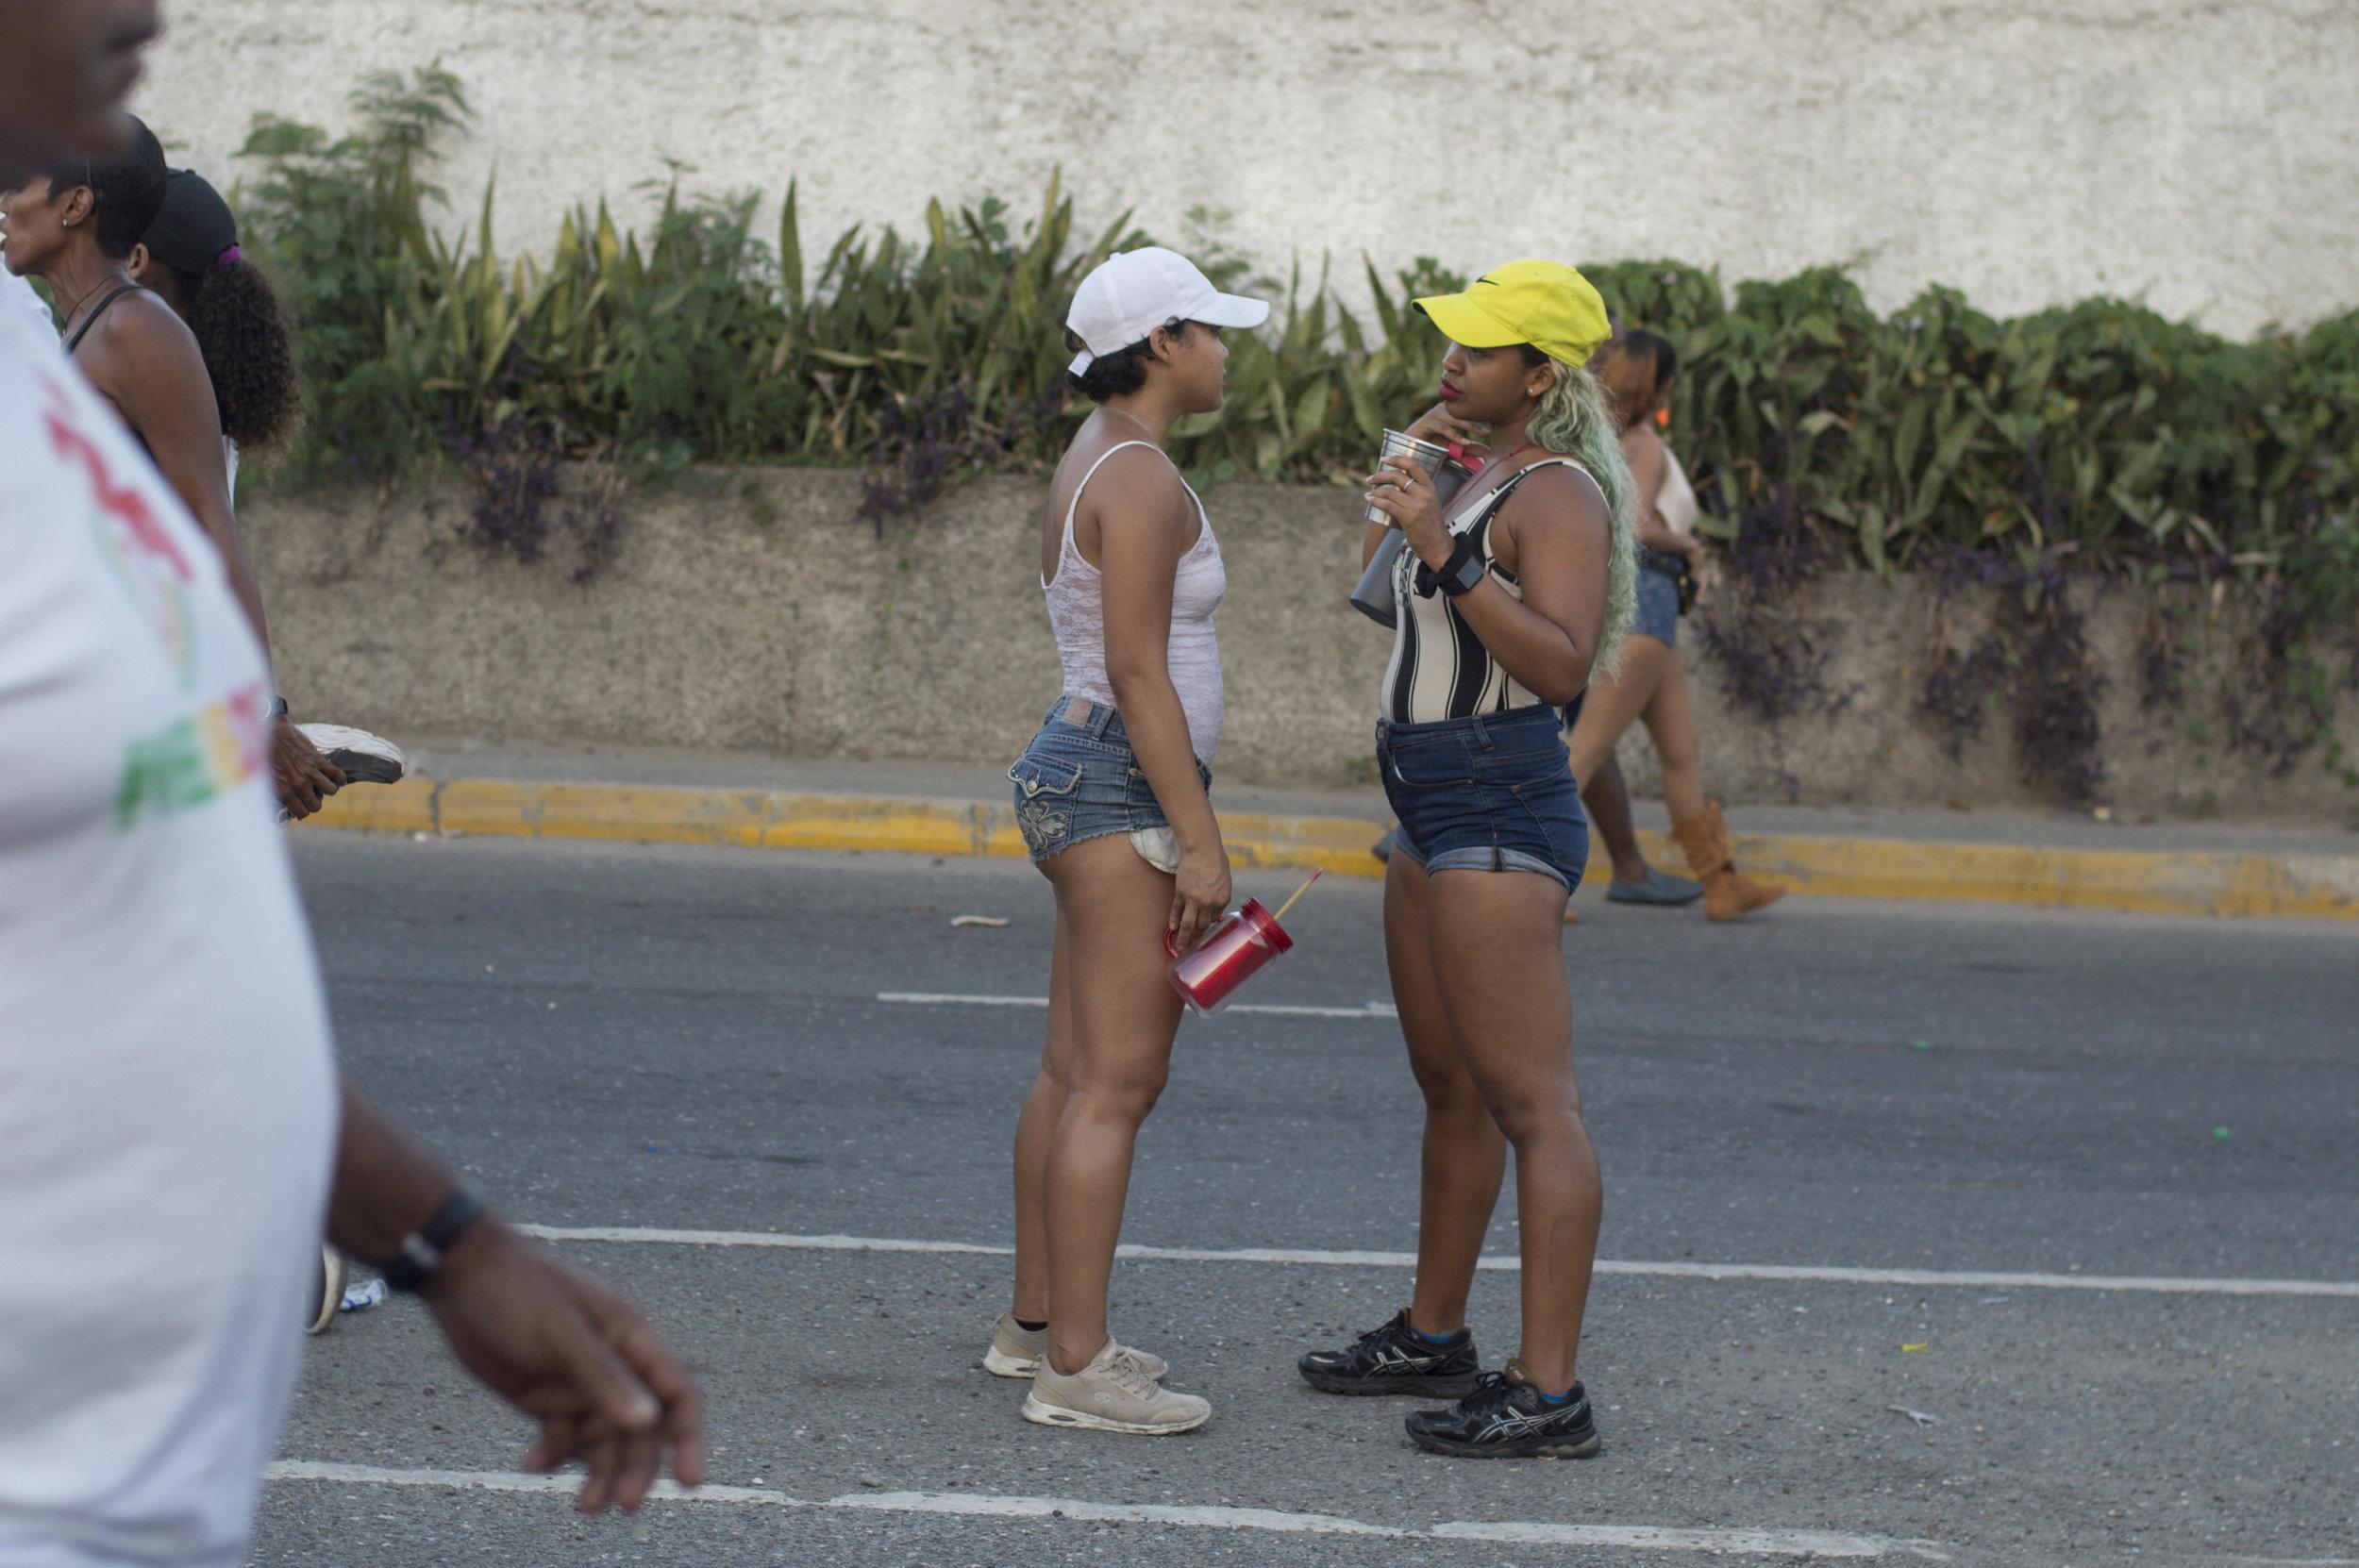 carnival2019_jeanalindo-67.jpg